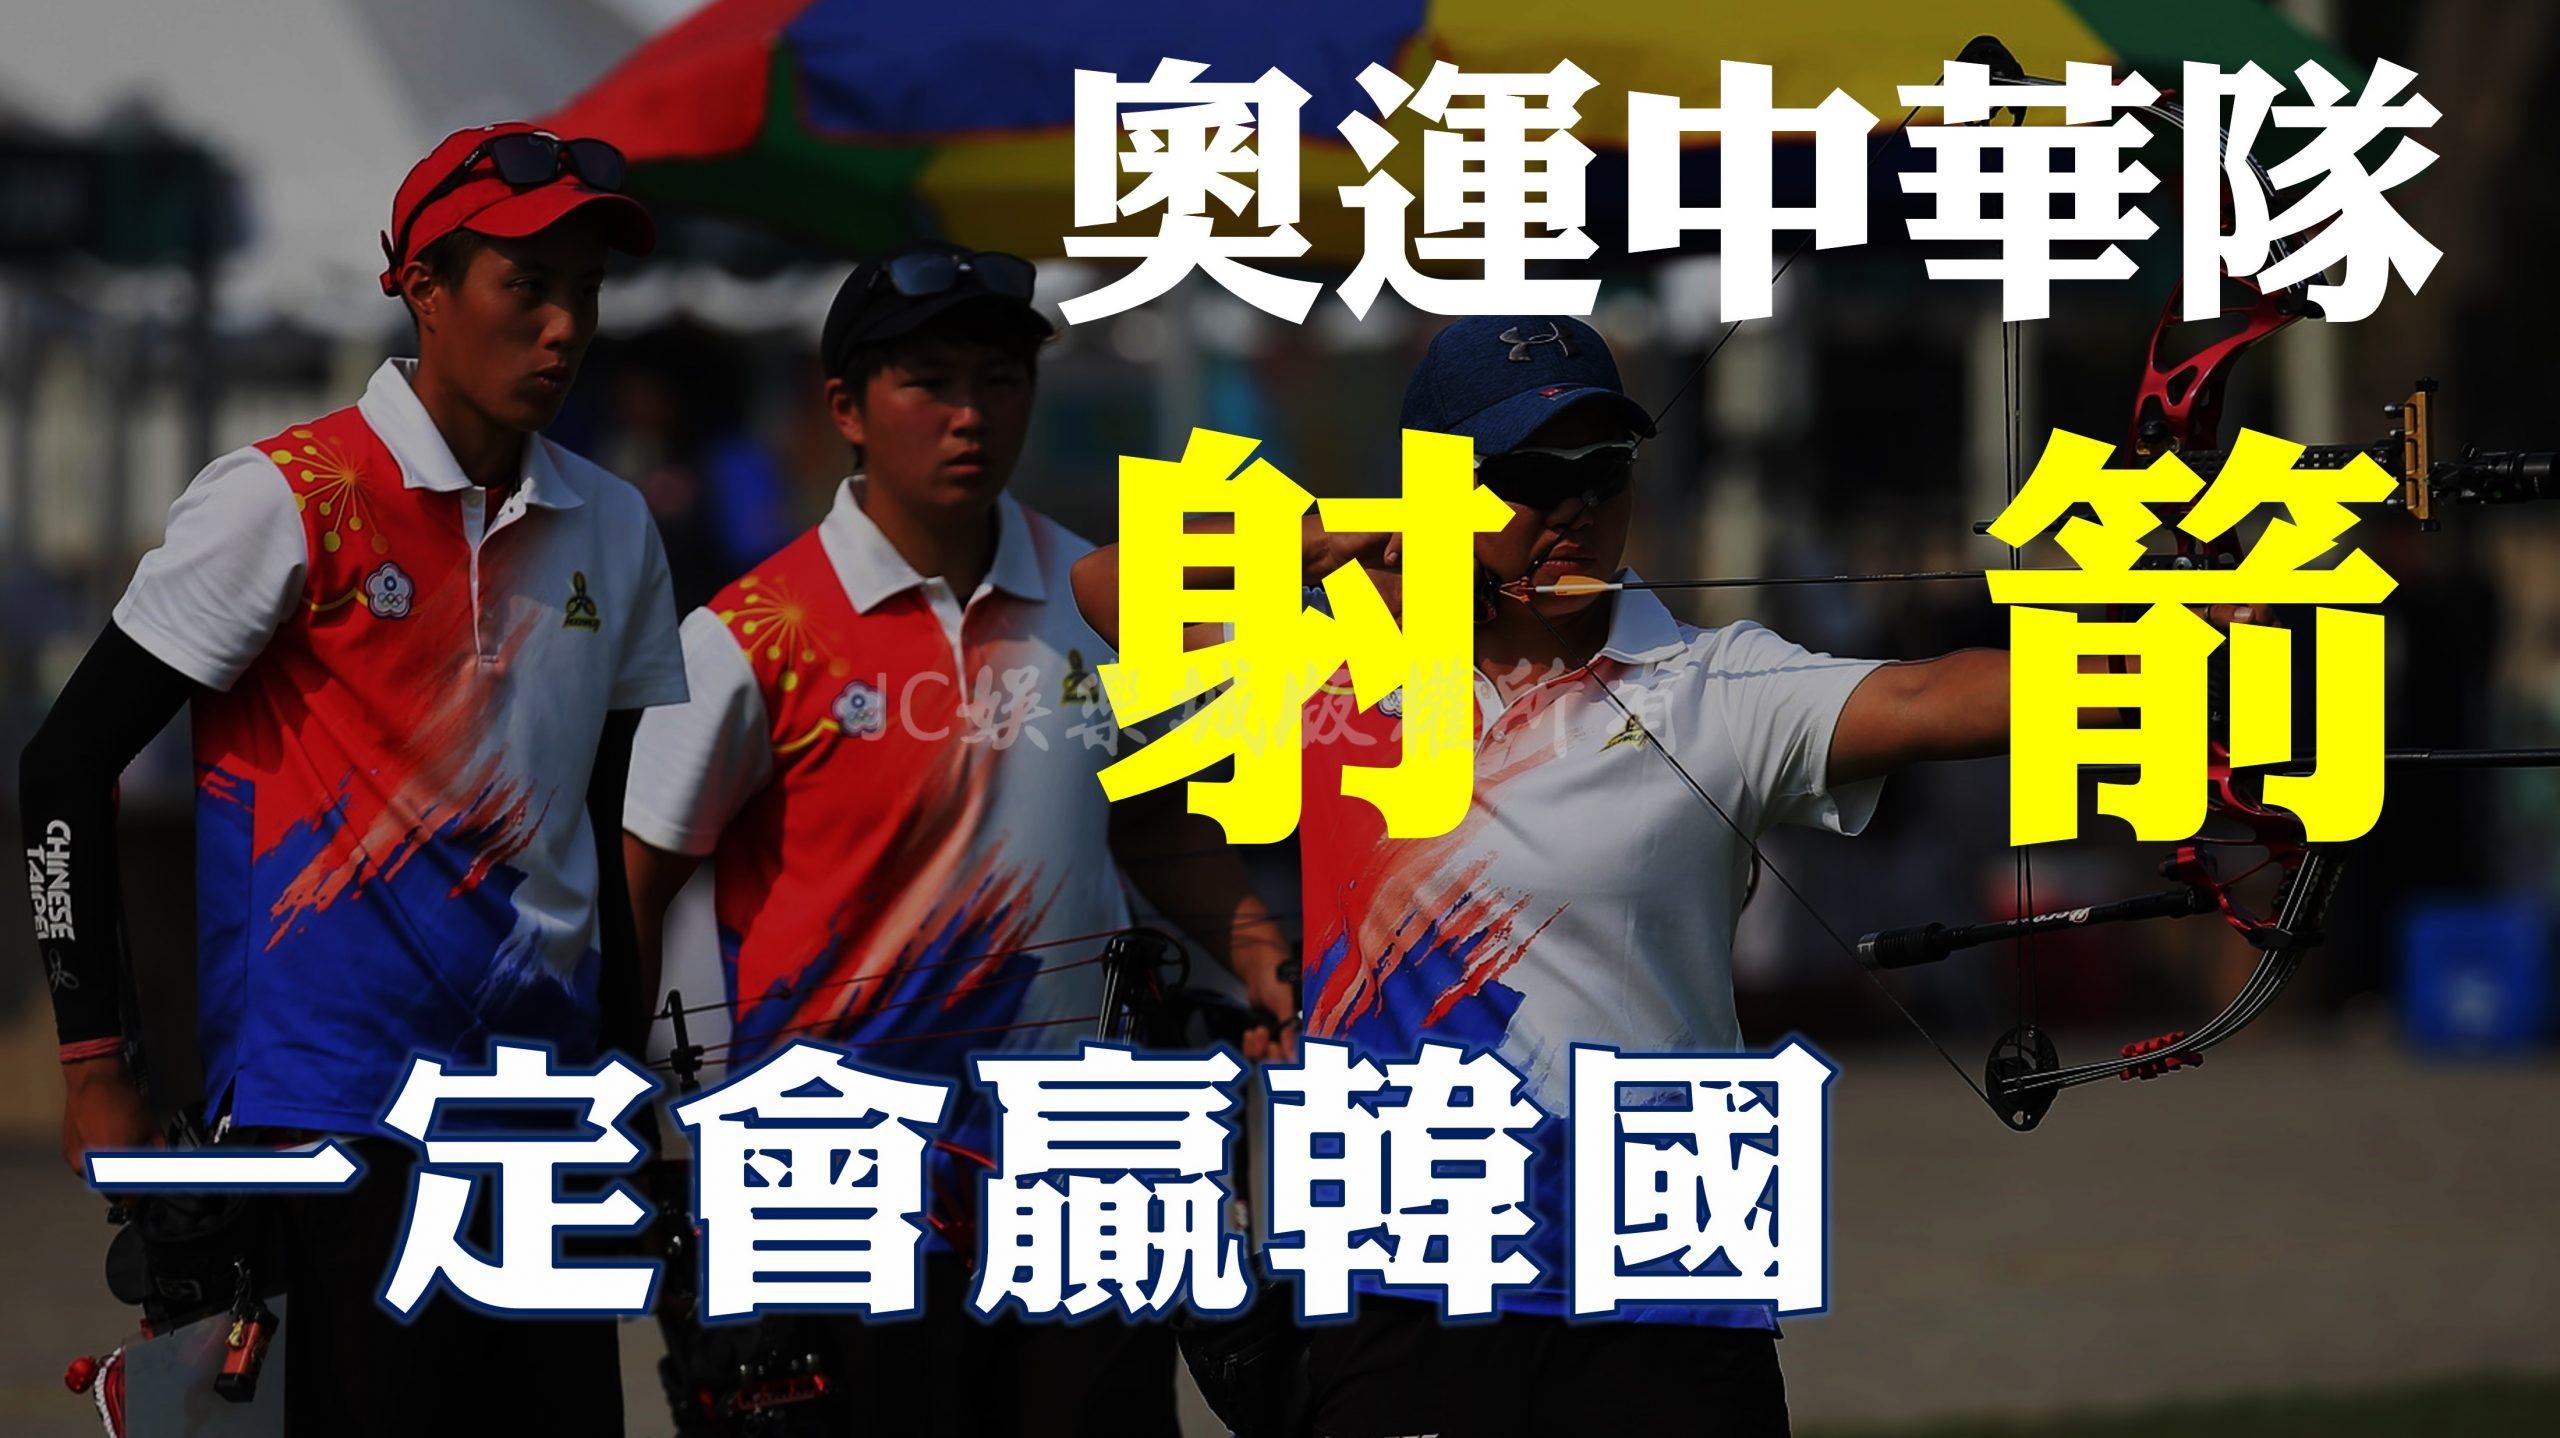 東京奧運射箭選手名單「滿額出征」!一定能夠贏韓國!